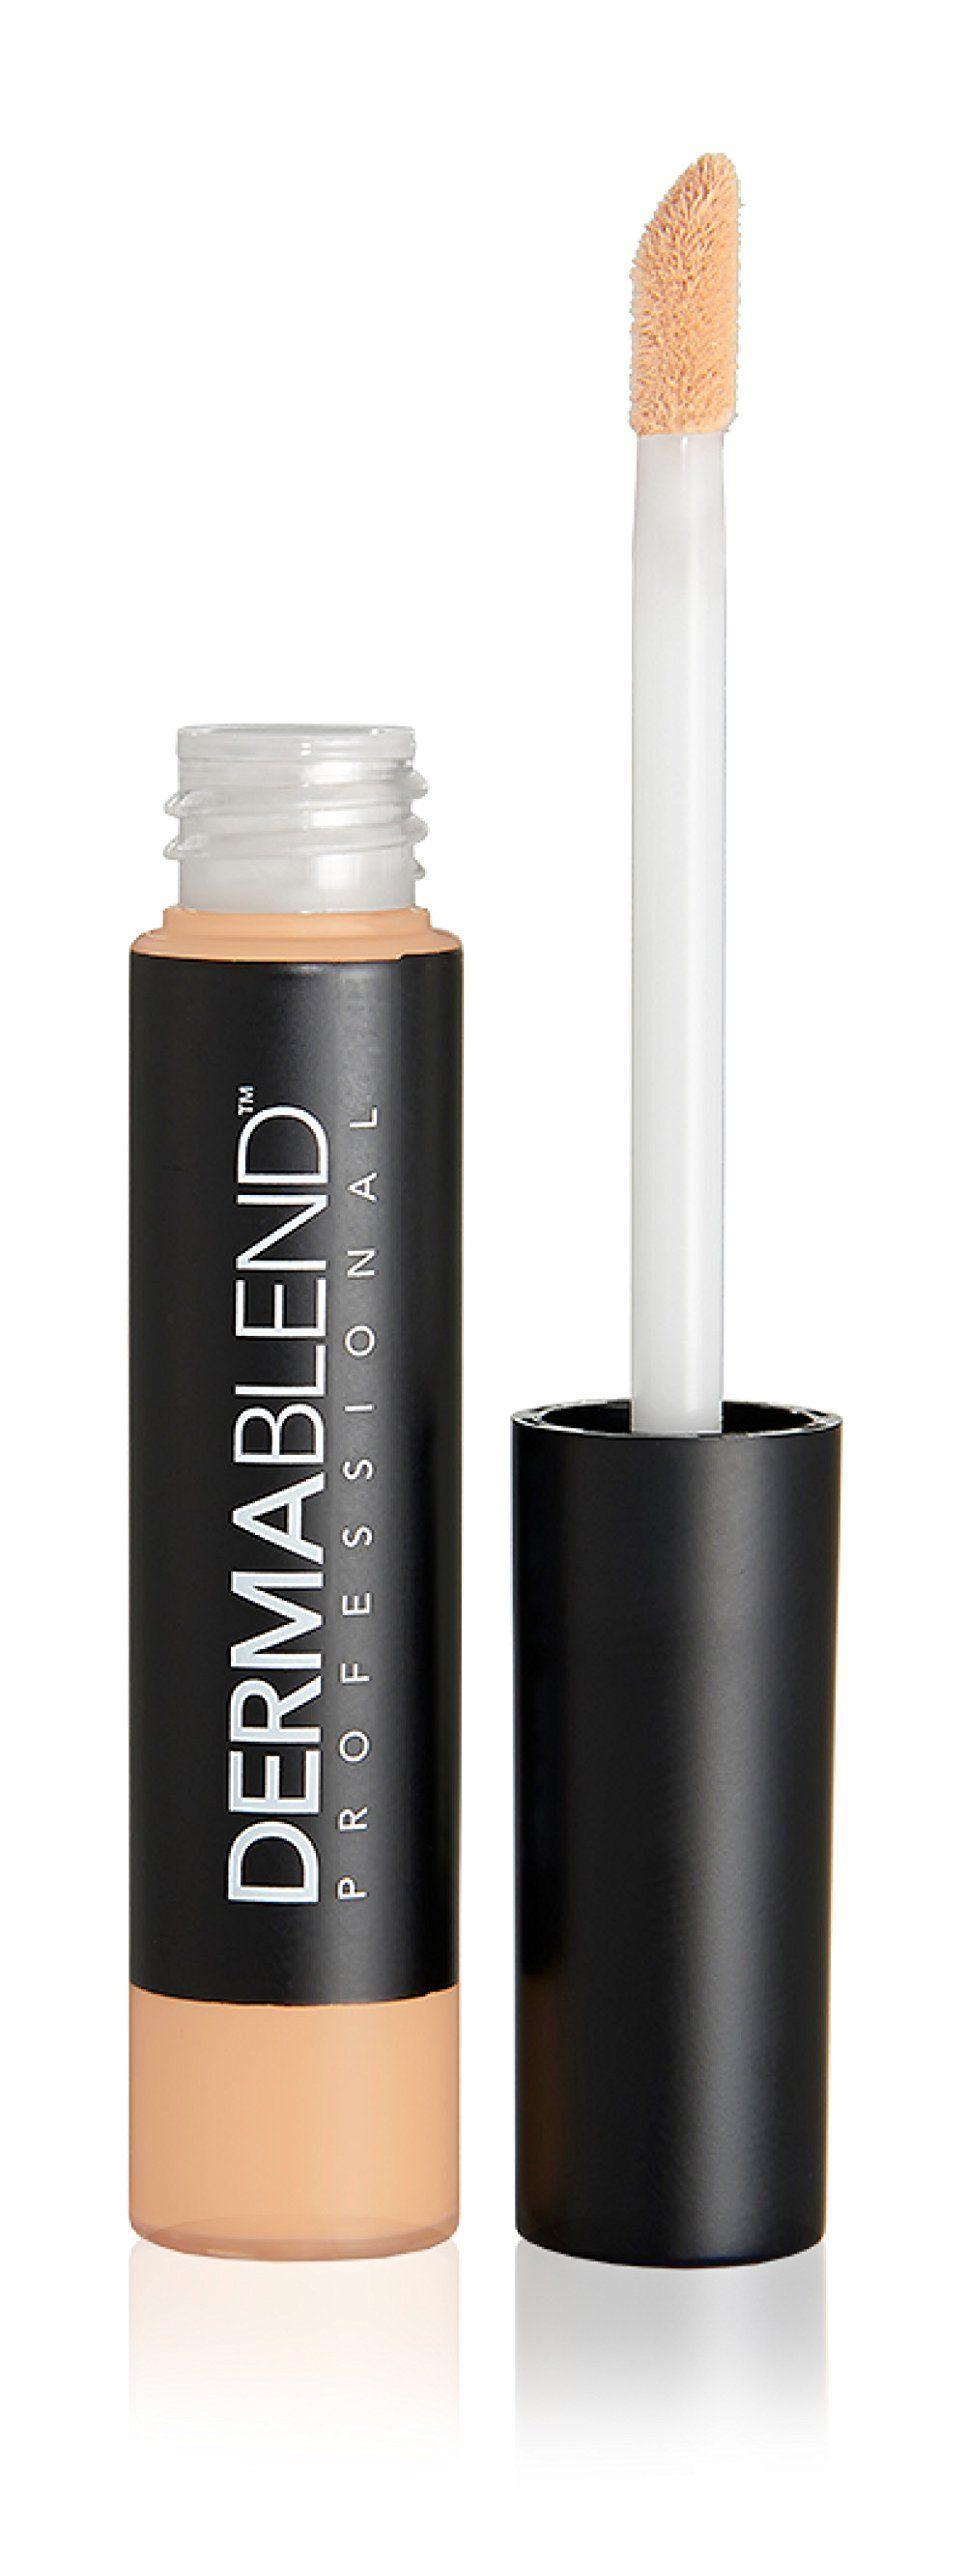 Dermablend Smooth Liquid Concealer Makeup for Matte Finish